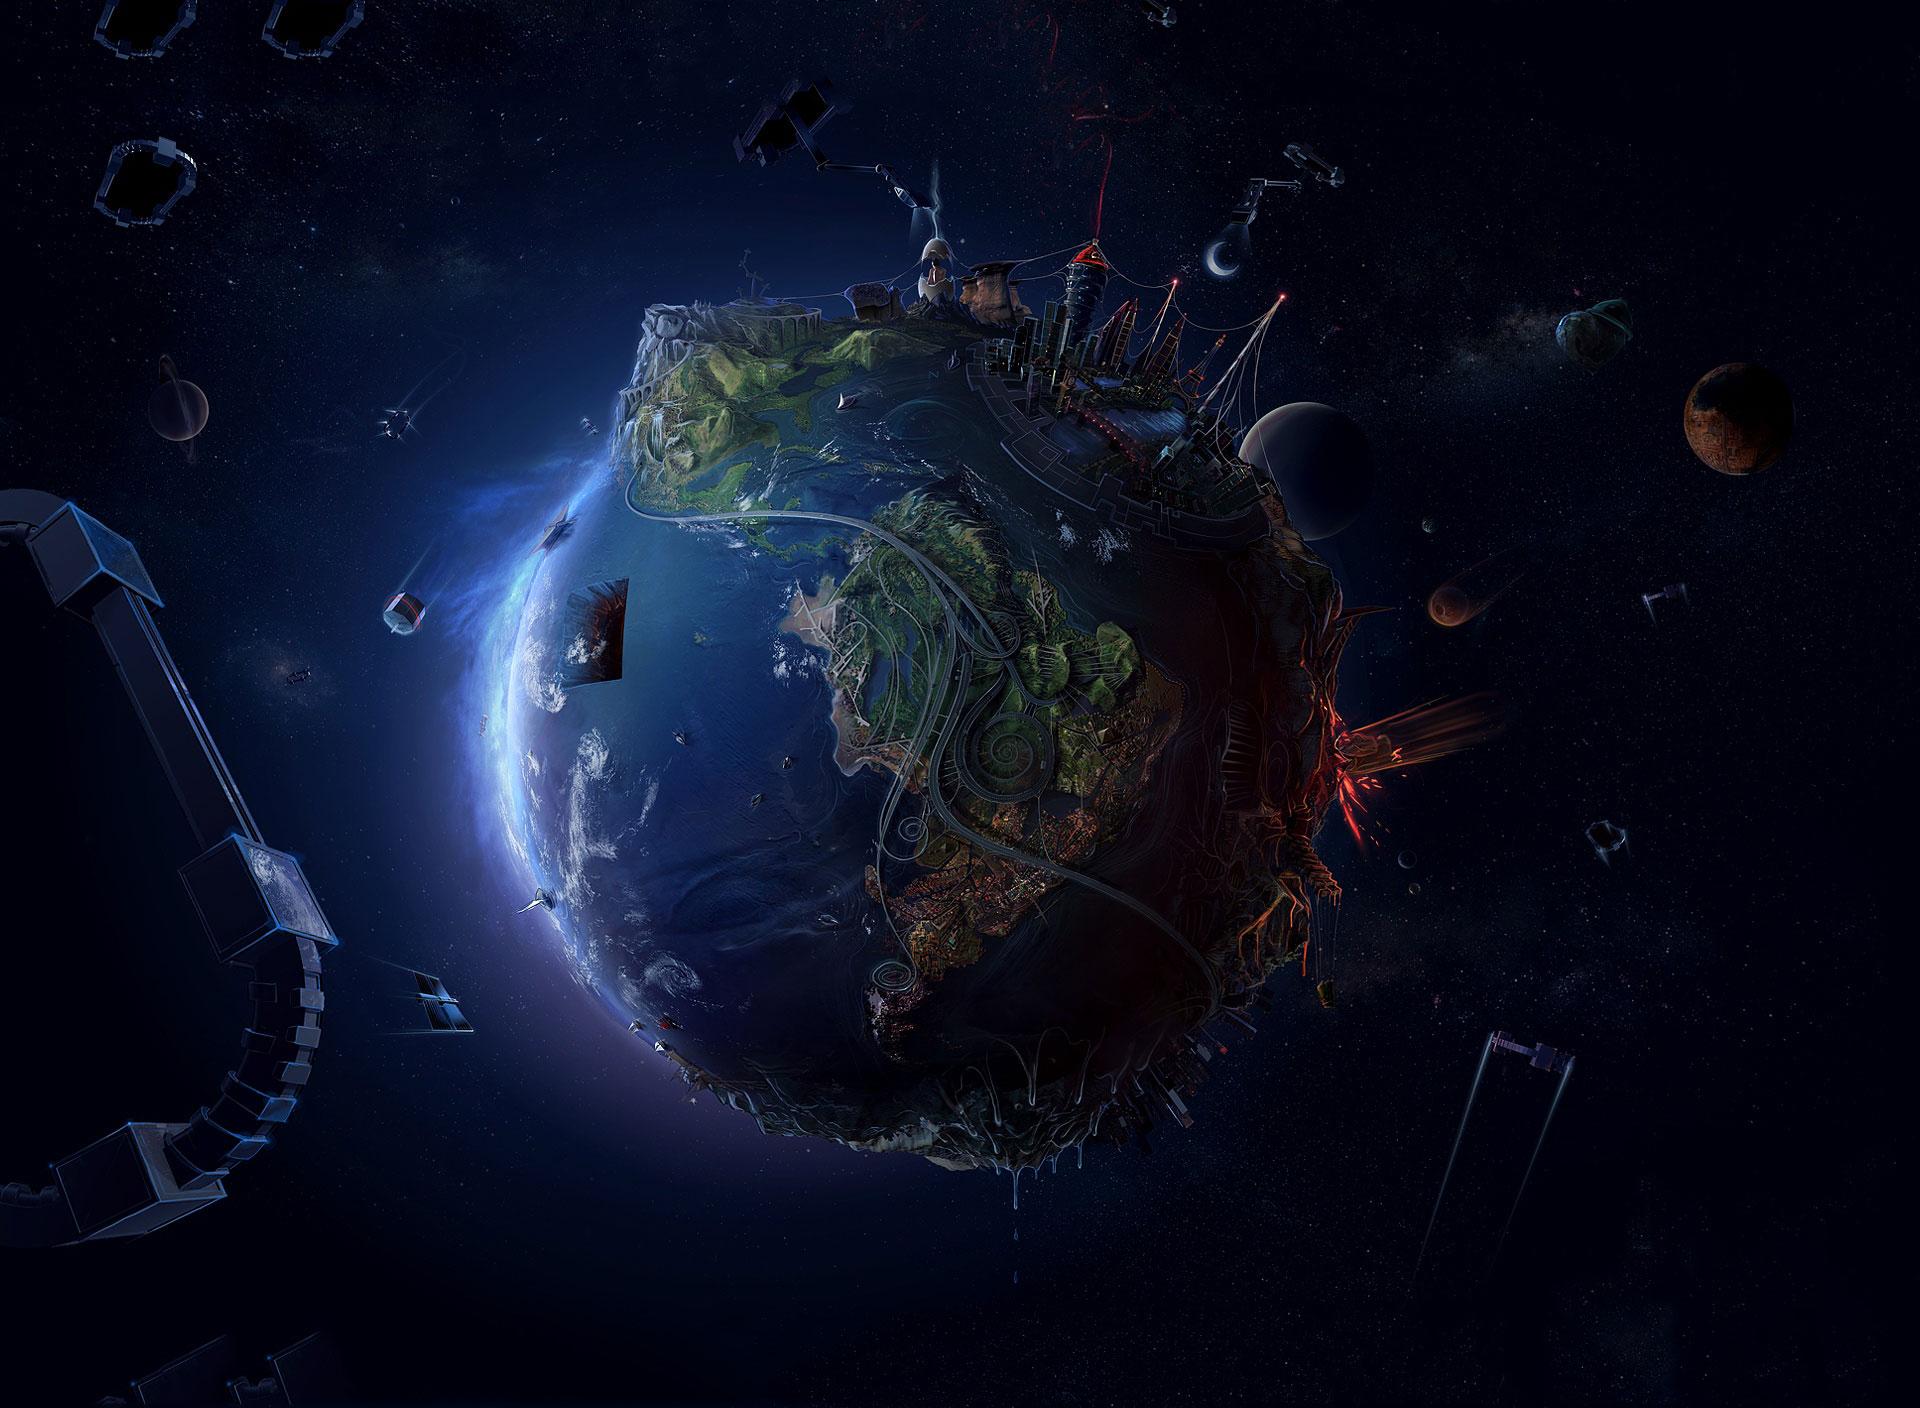 Future Earth wallpaper 1920x1408